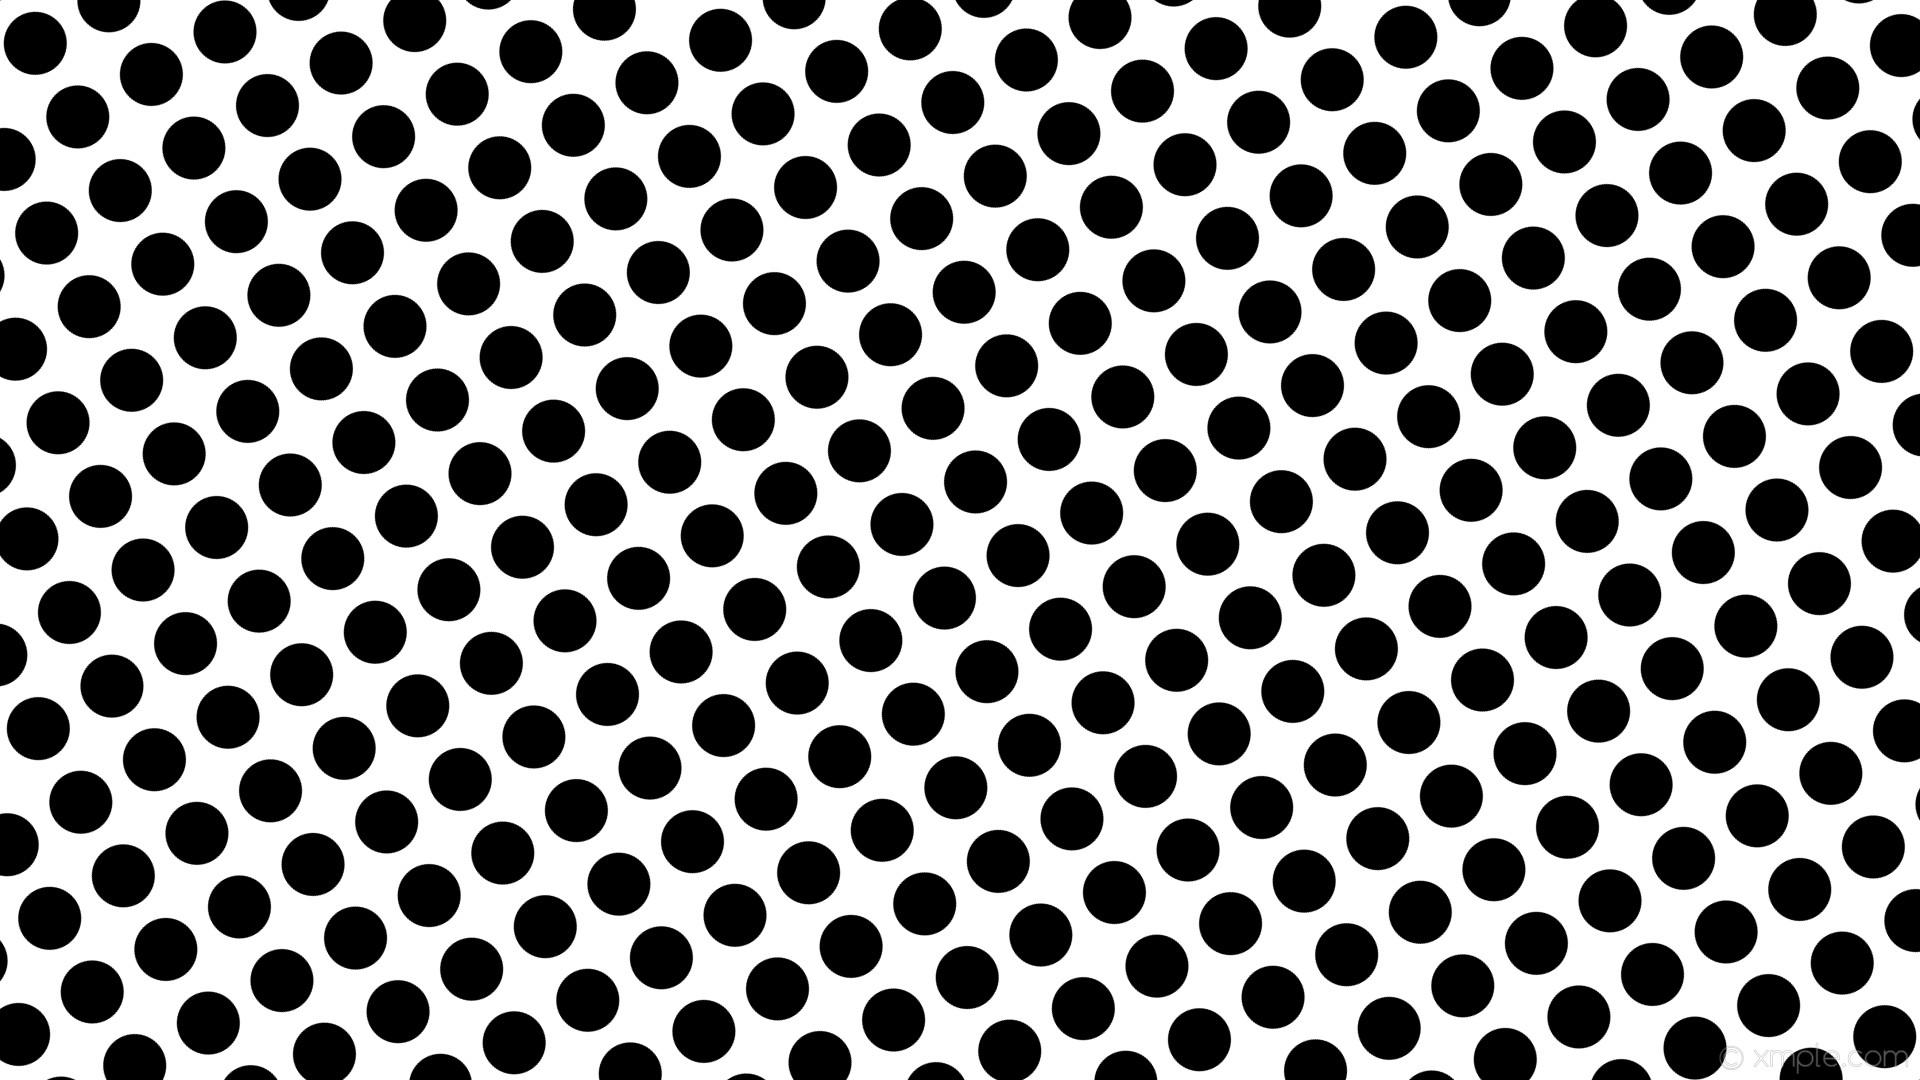 wallpaper black polka dots spots white #ffffff #000000 210° 63px 85px